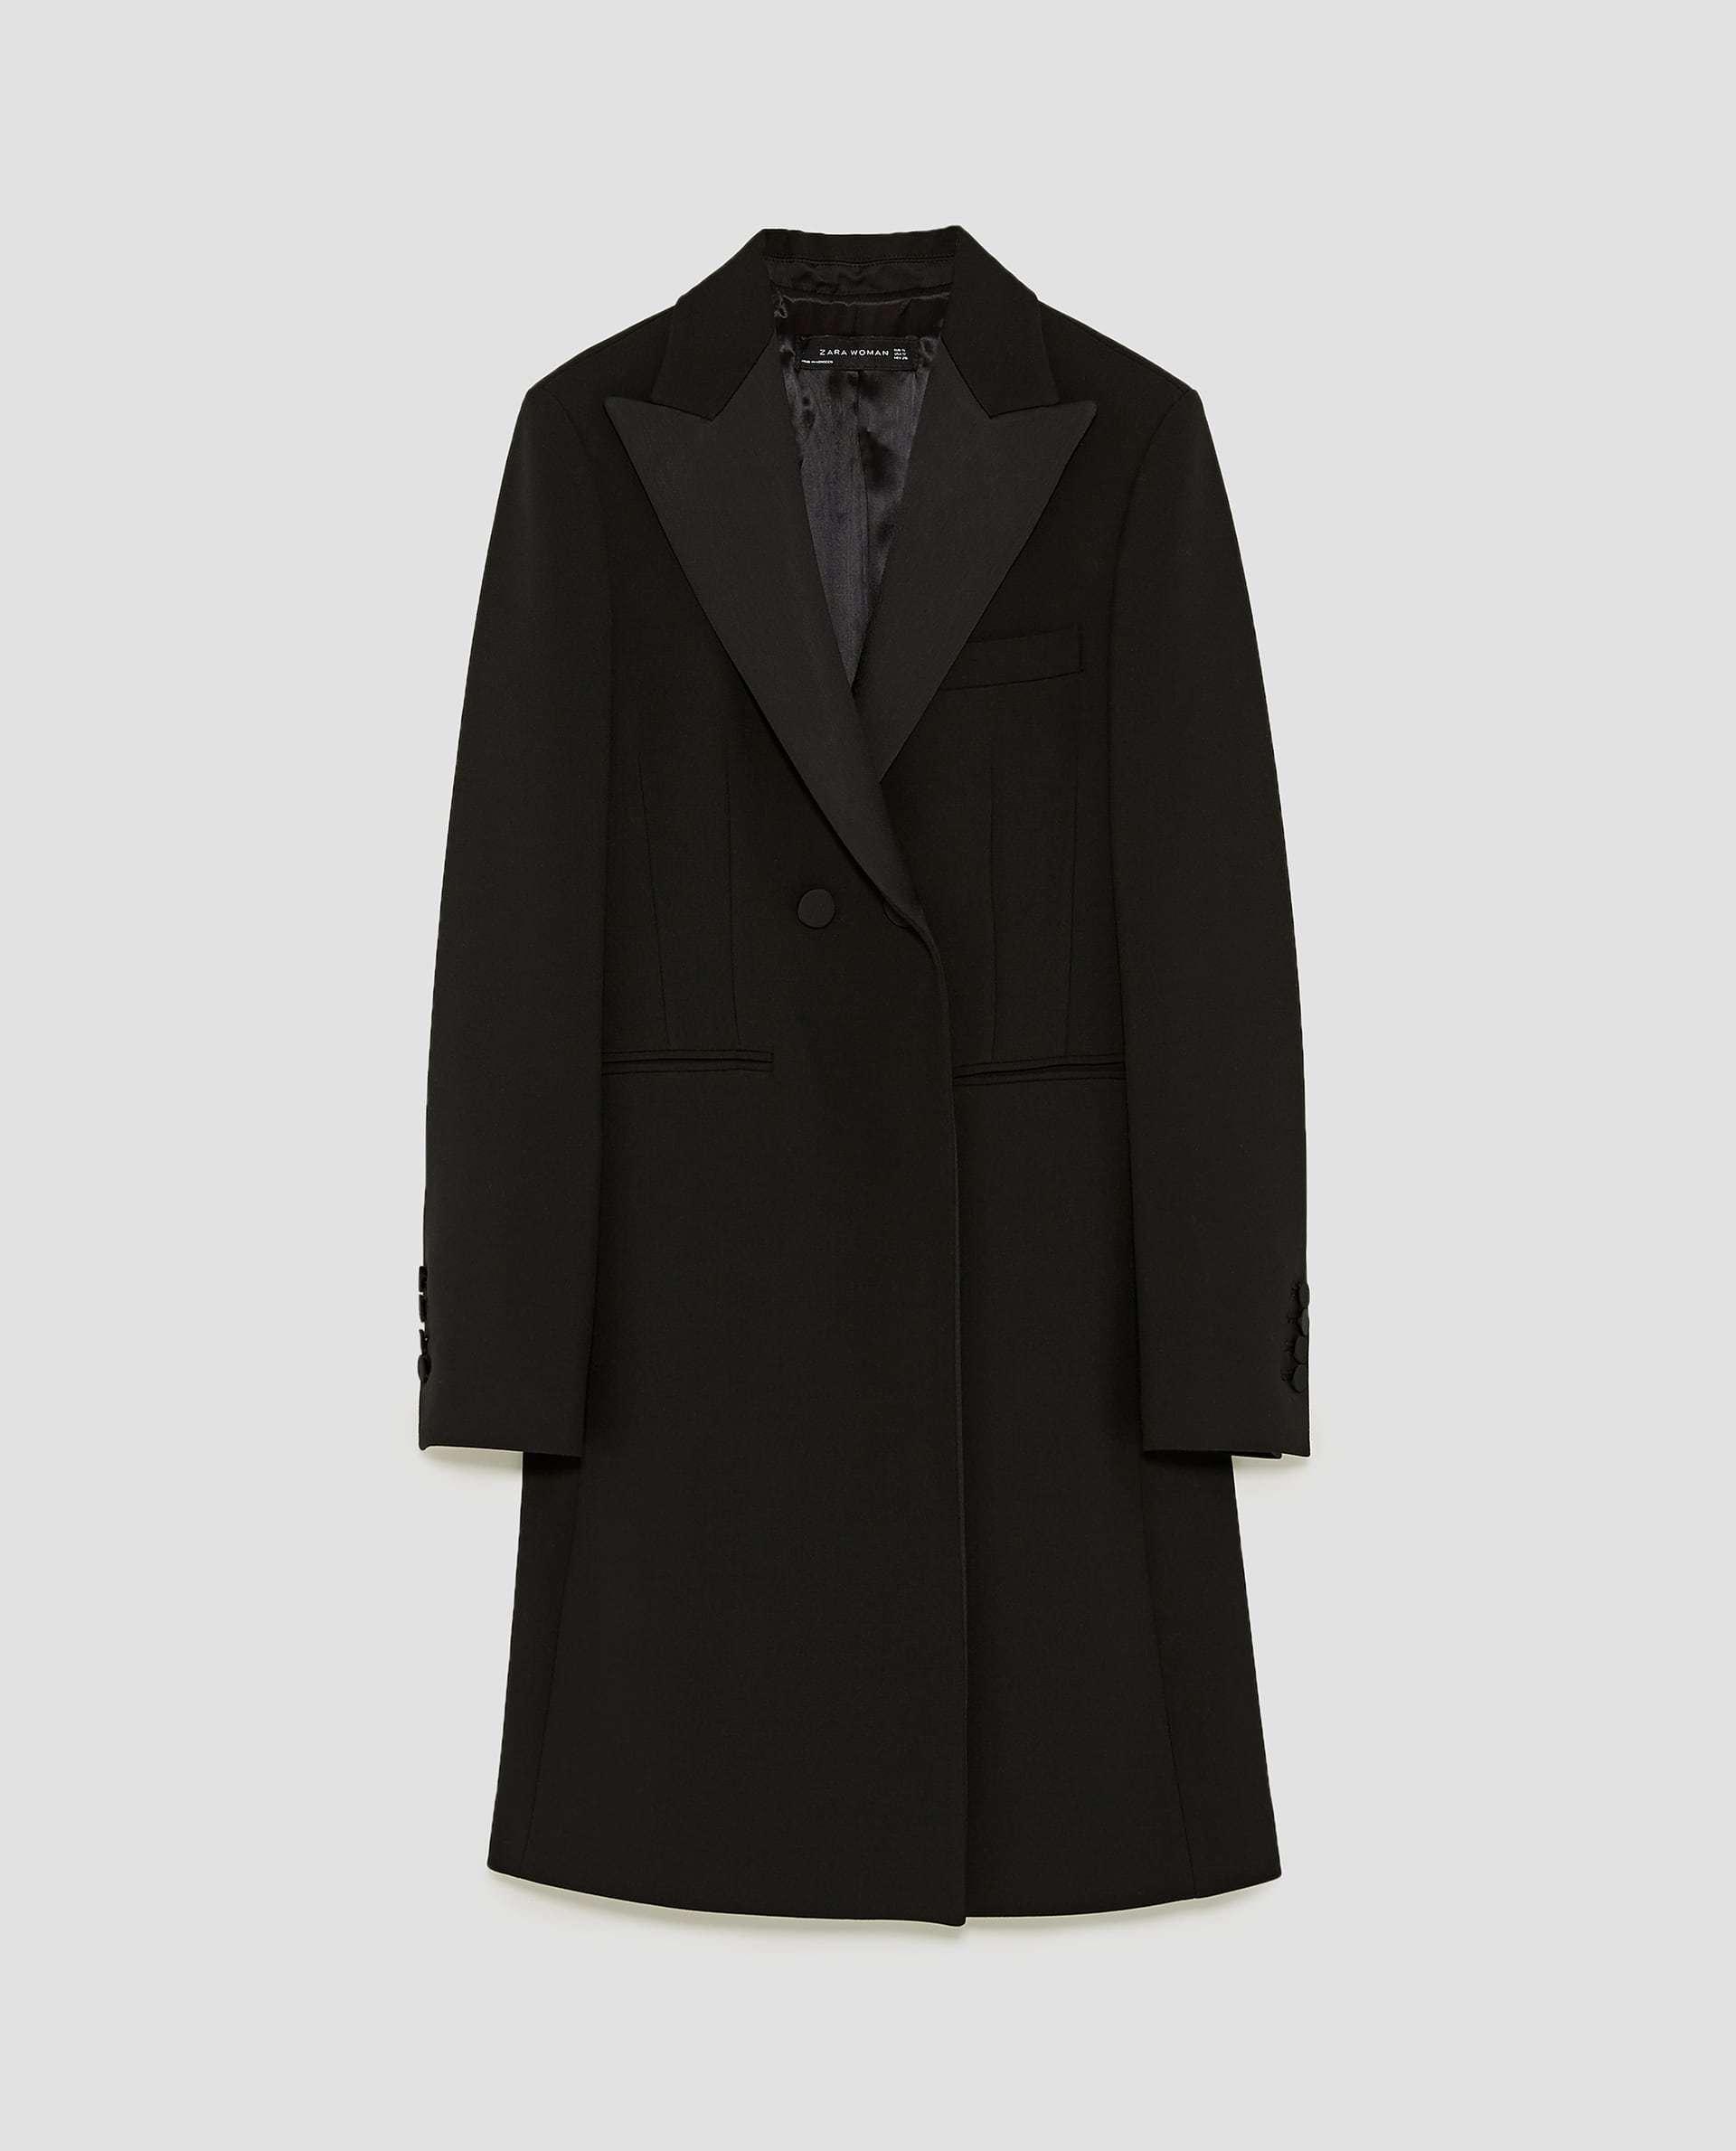 Levita con solapas de Zara (79,95 euros)